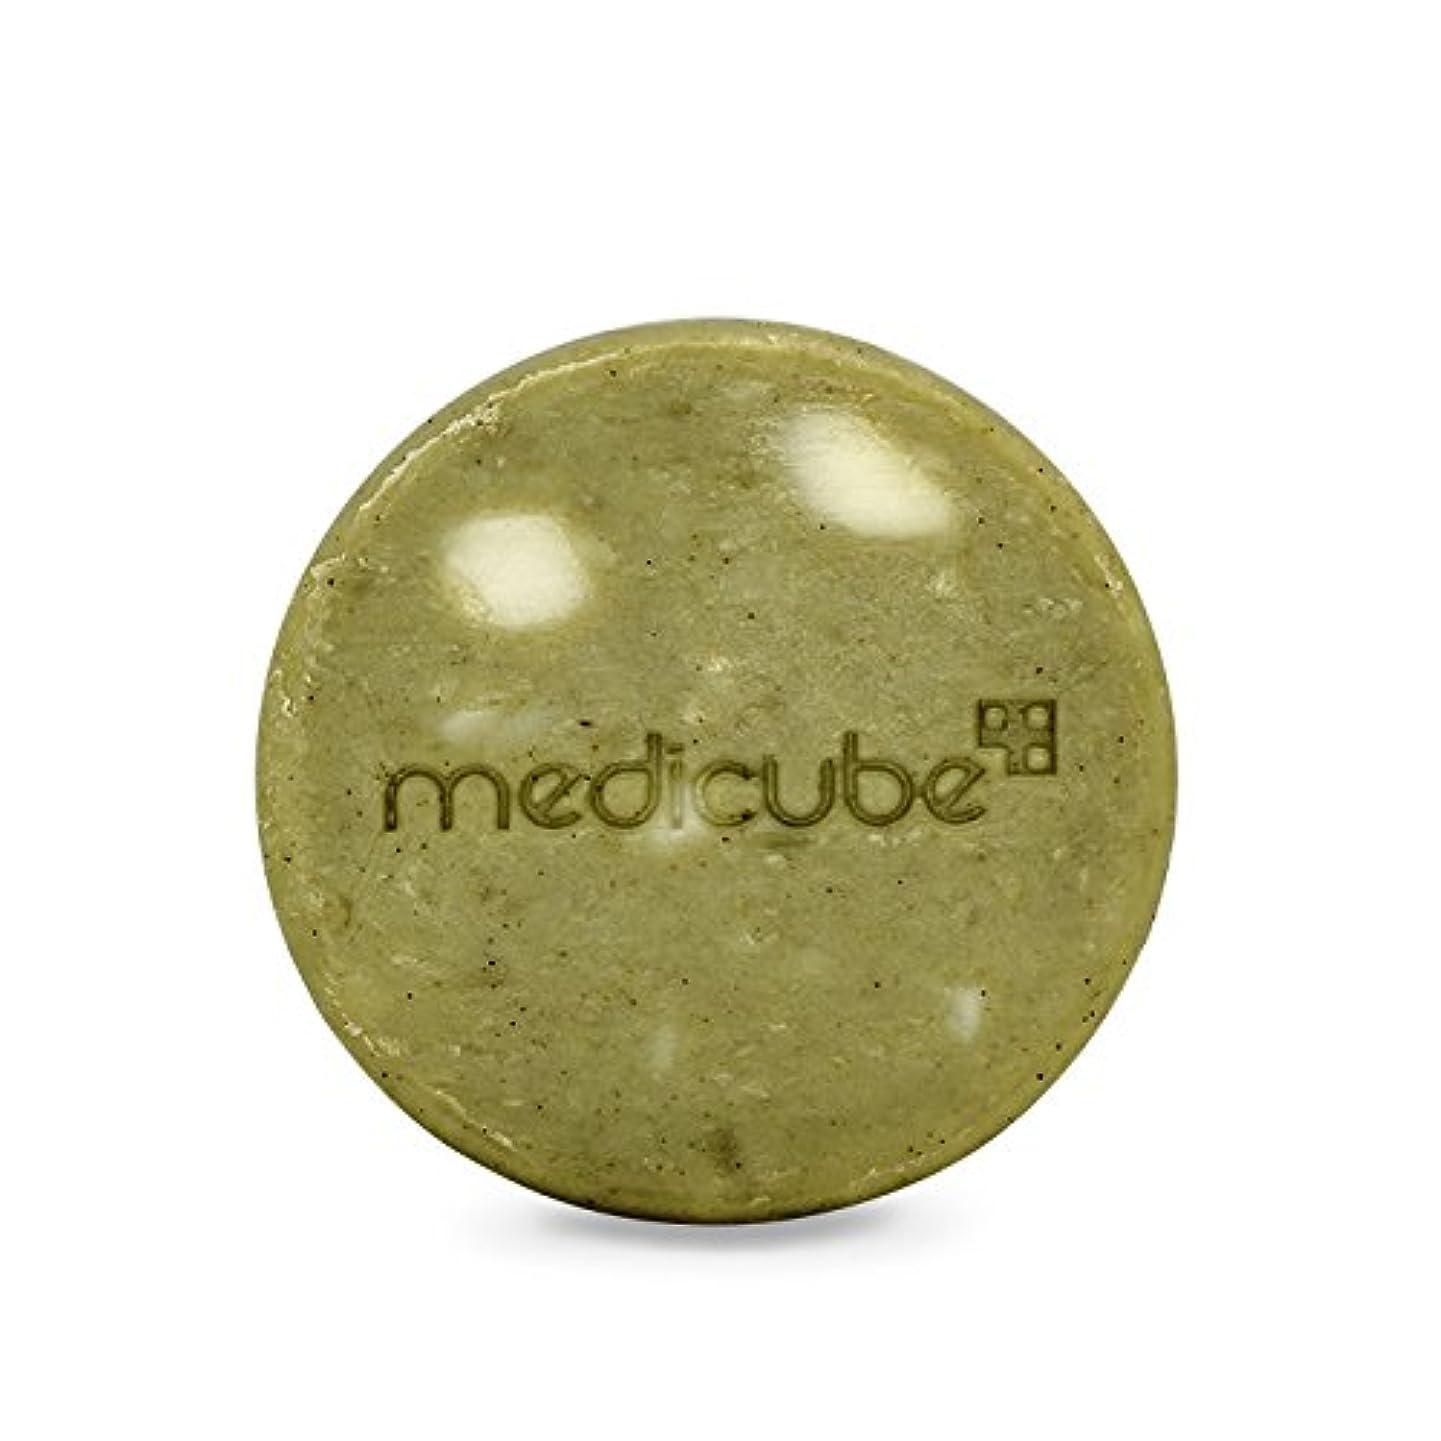 口実かなり全体[Medicube]Red Body Bar / メディキューブレッドボディバー / 正品?海外直送商品 [並行輸入品]